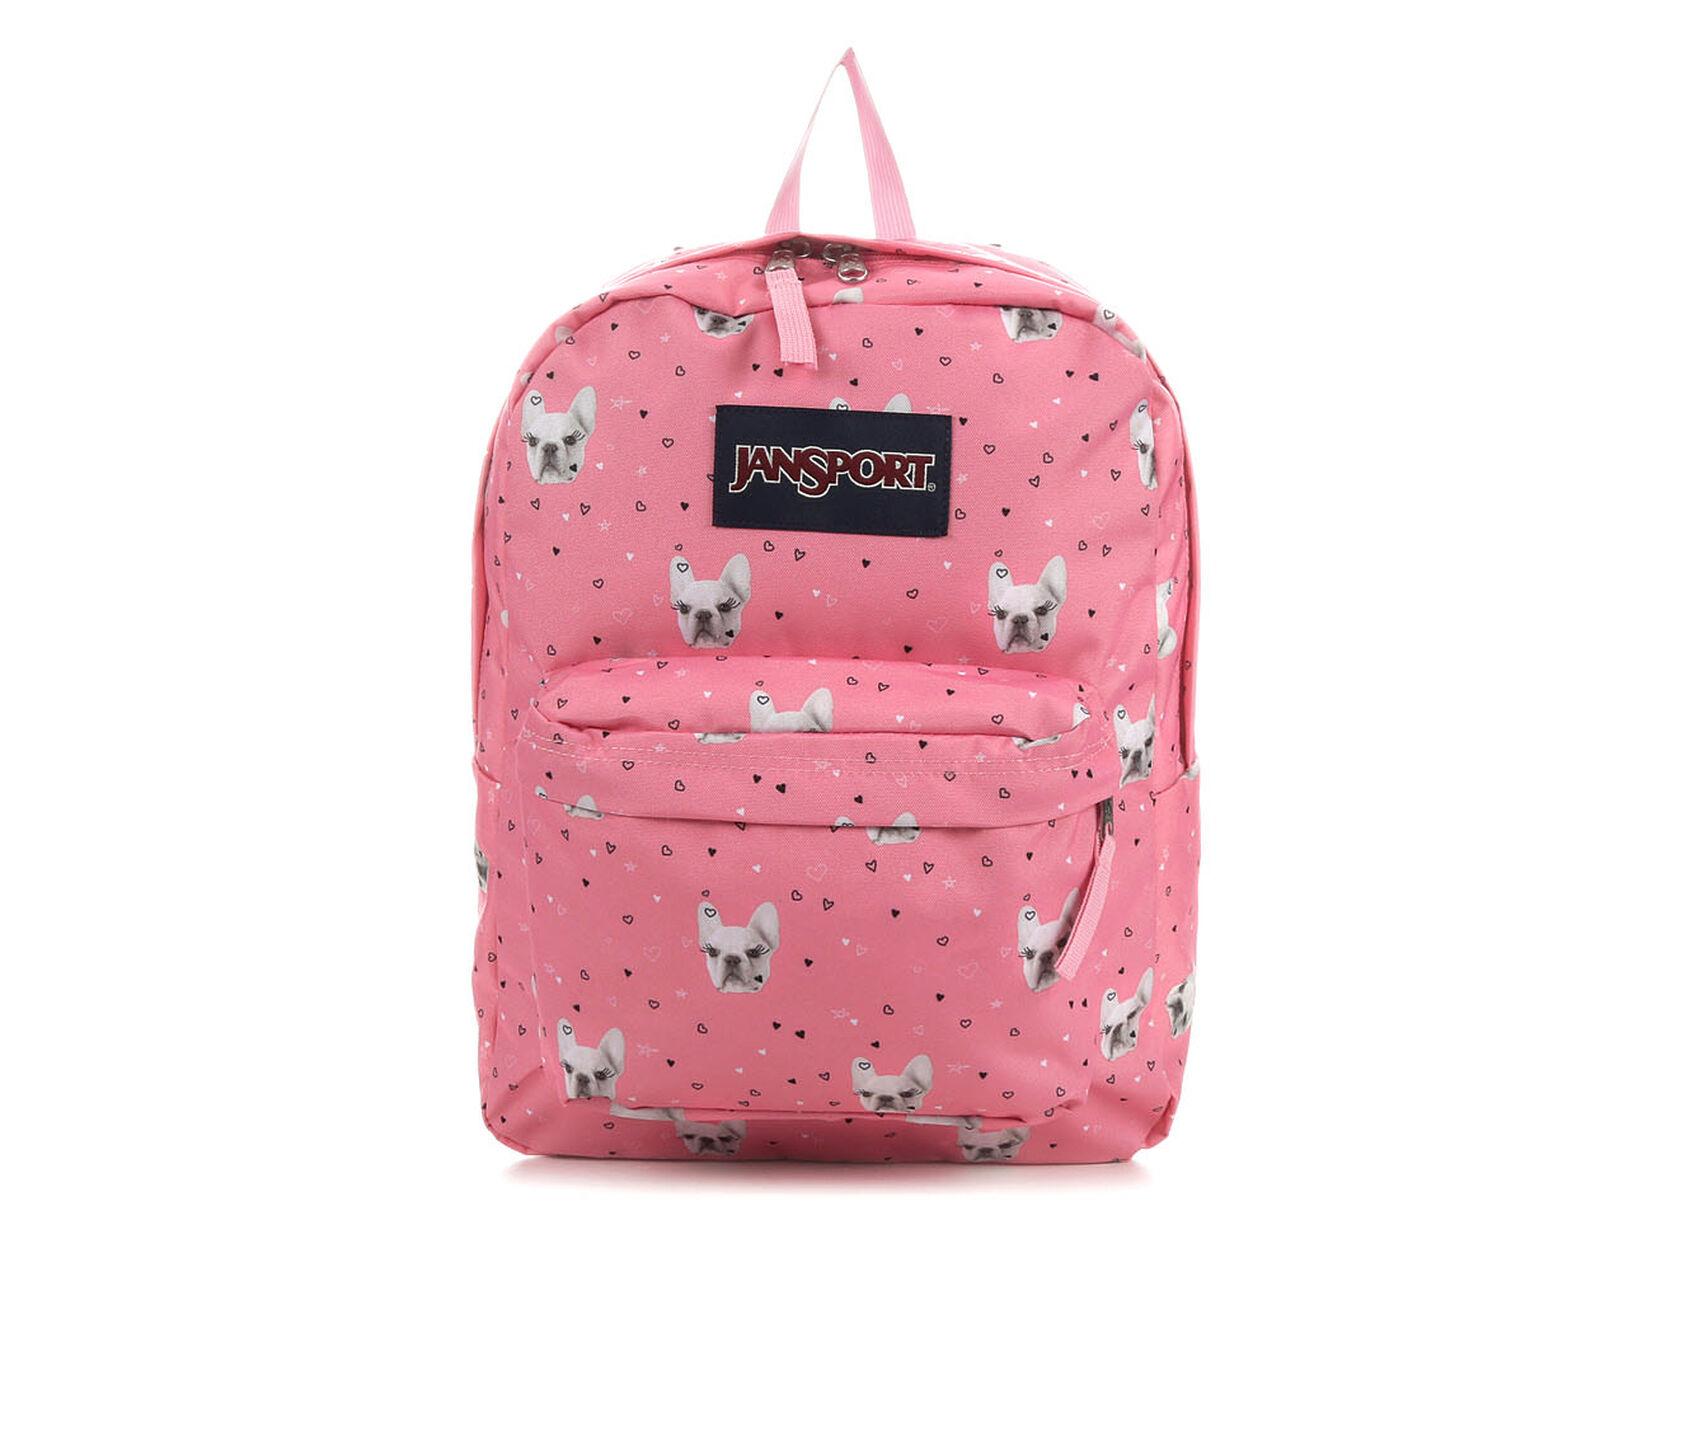 Jansport Sportbags Superbreak Backpack